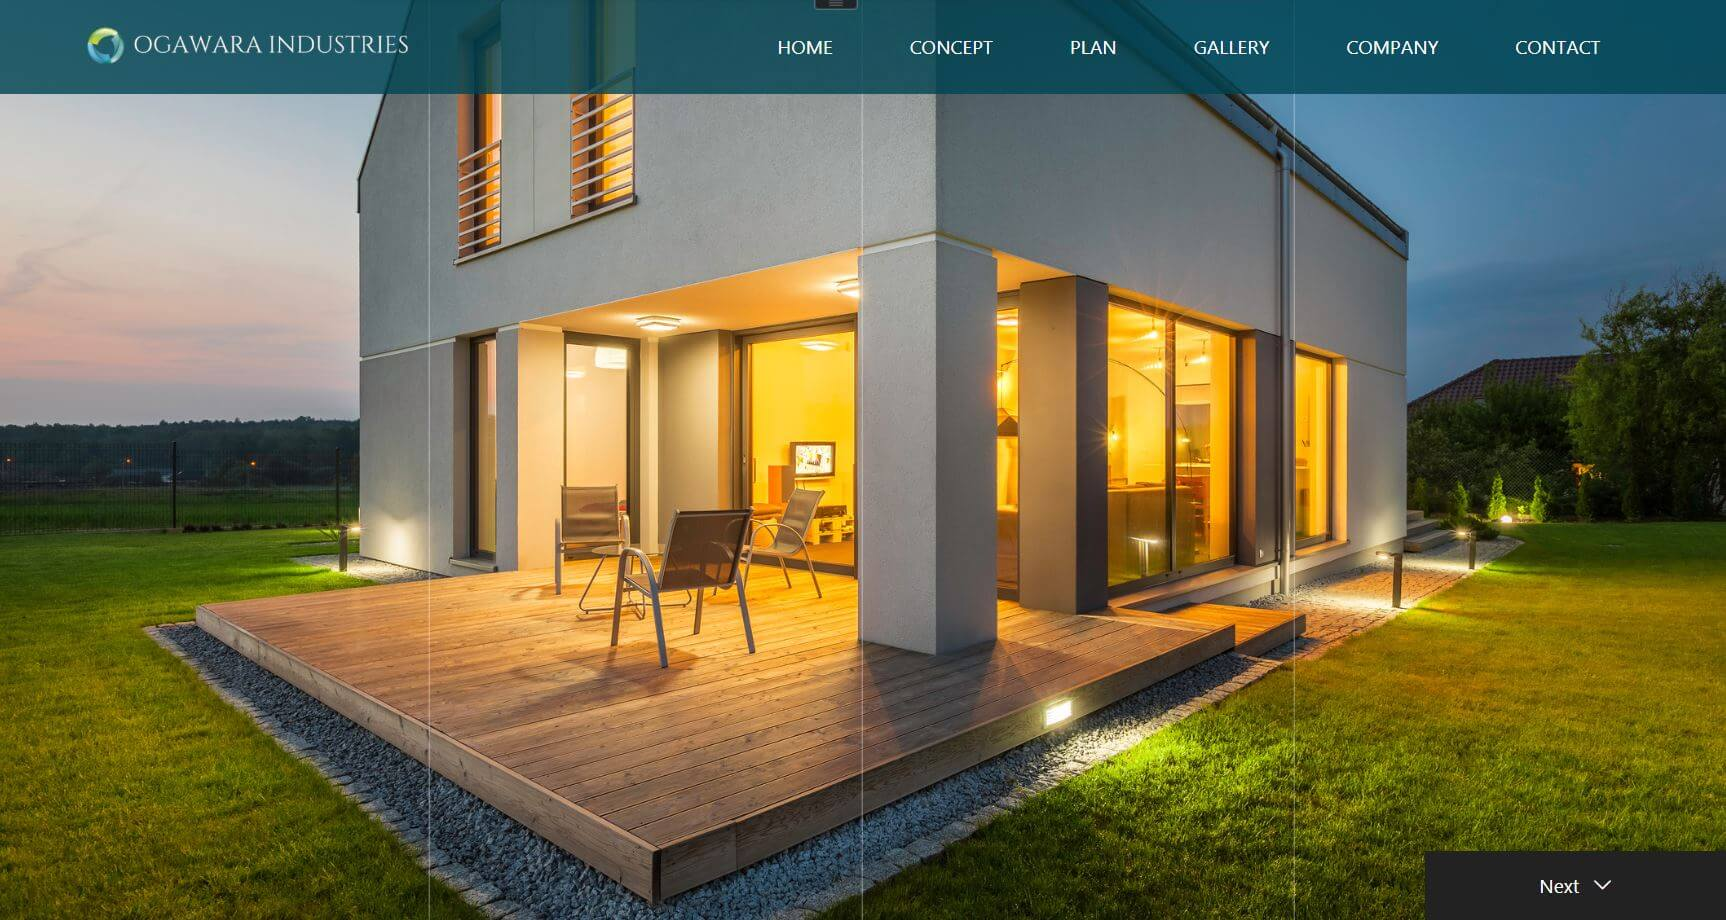 小河原産業株式会社 ホームページ トップ画面